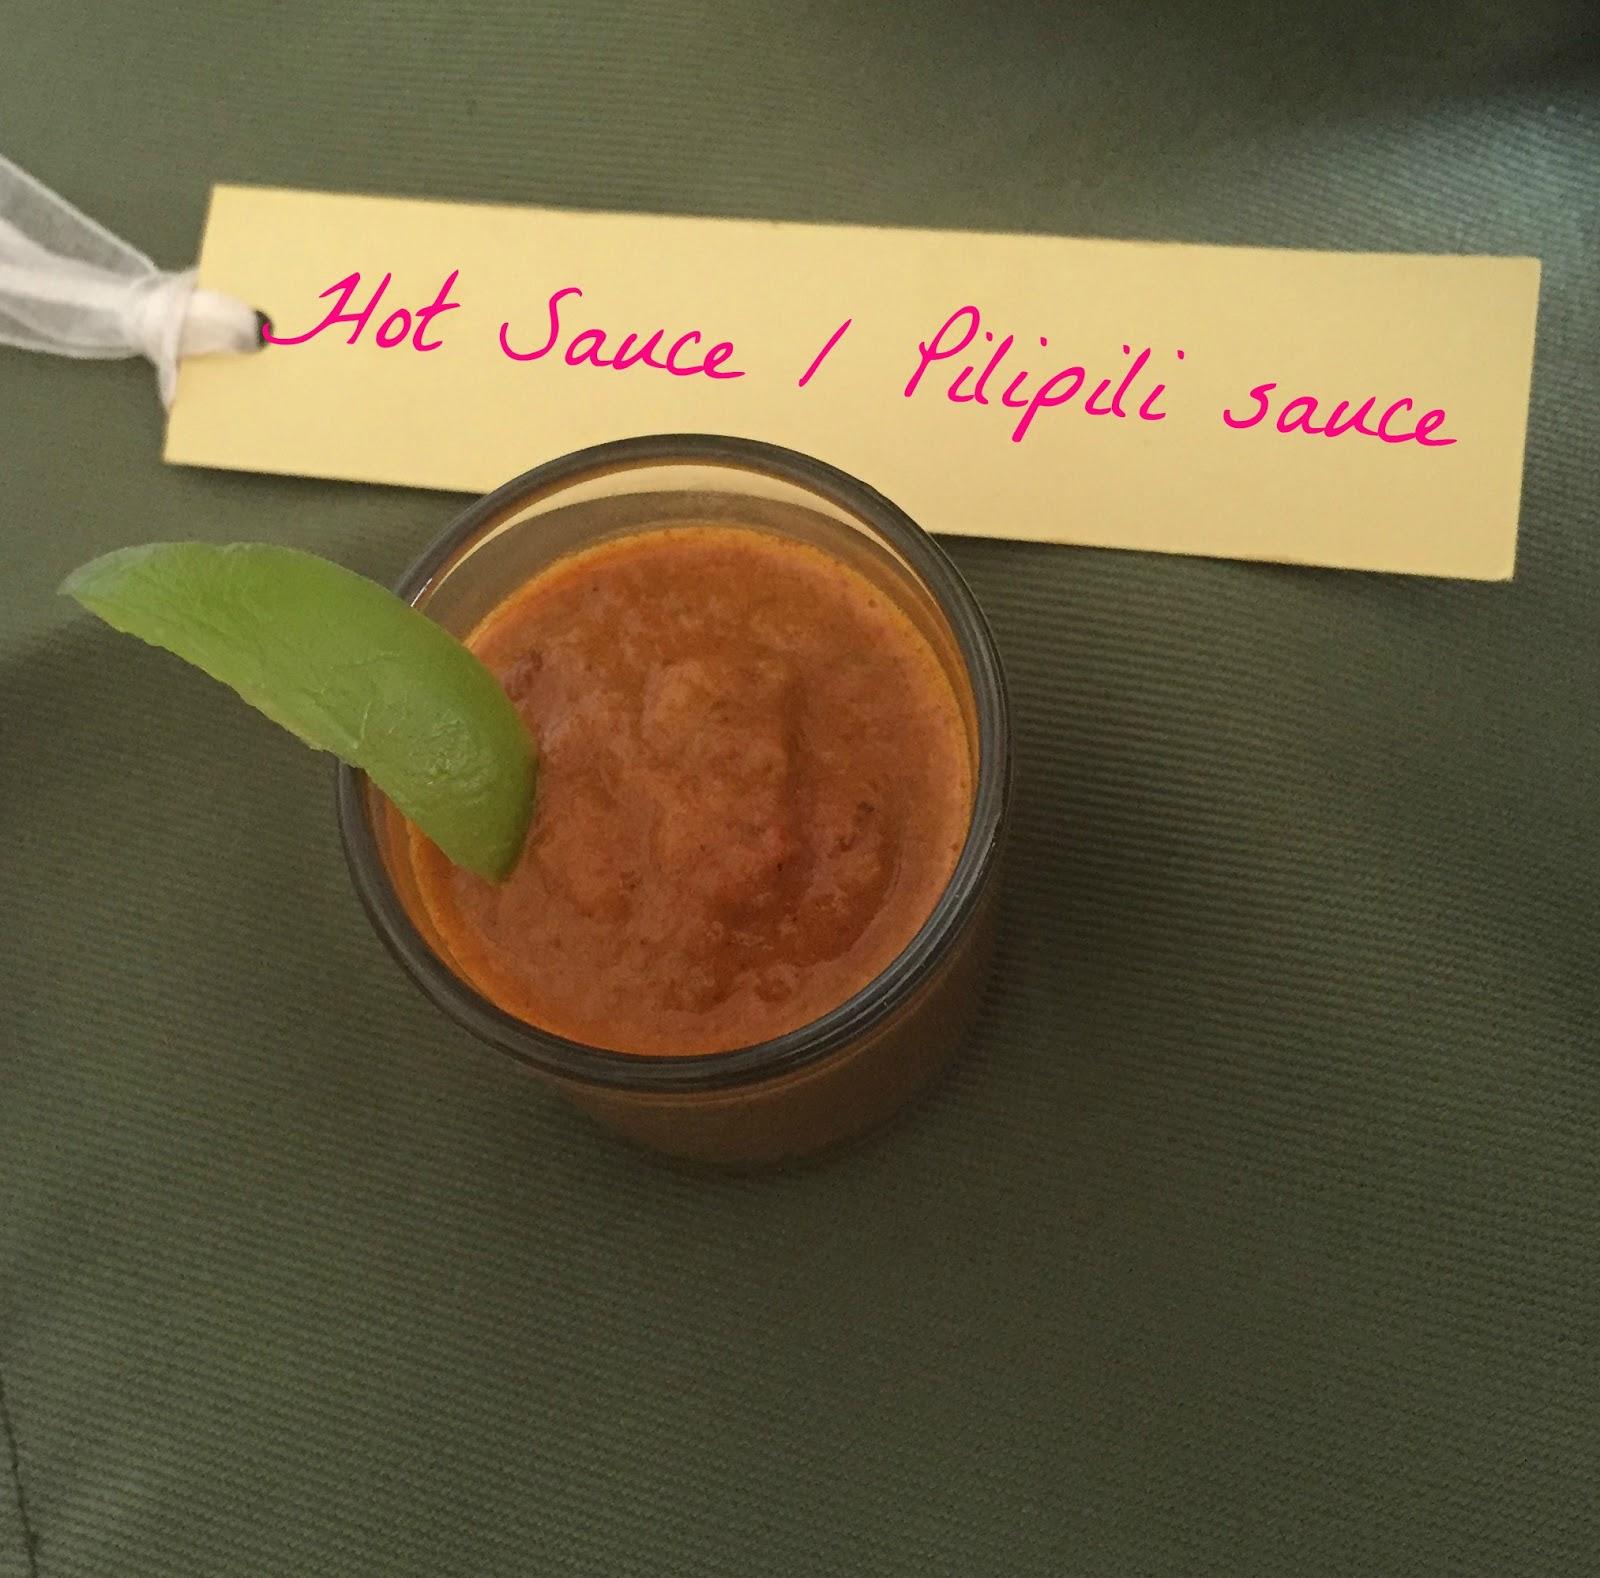 Celebrating Food: Hot Sauce / Pili pili sauce